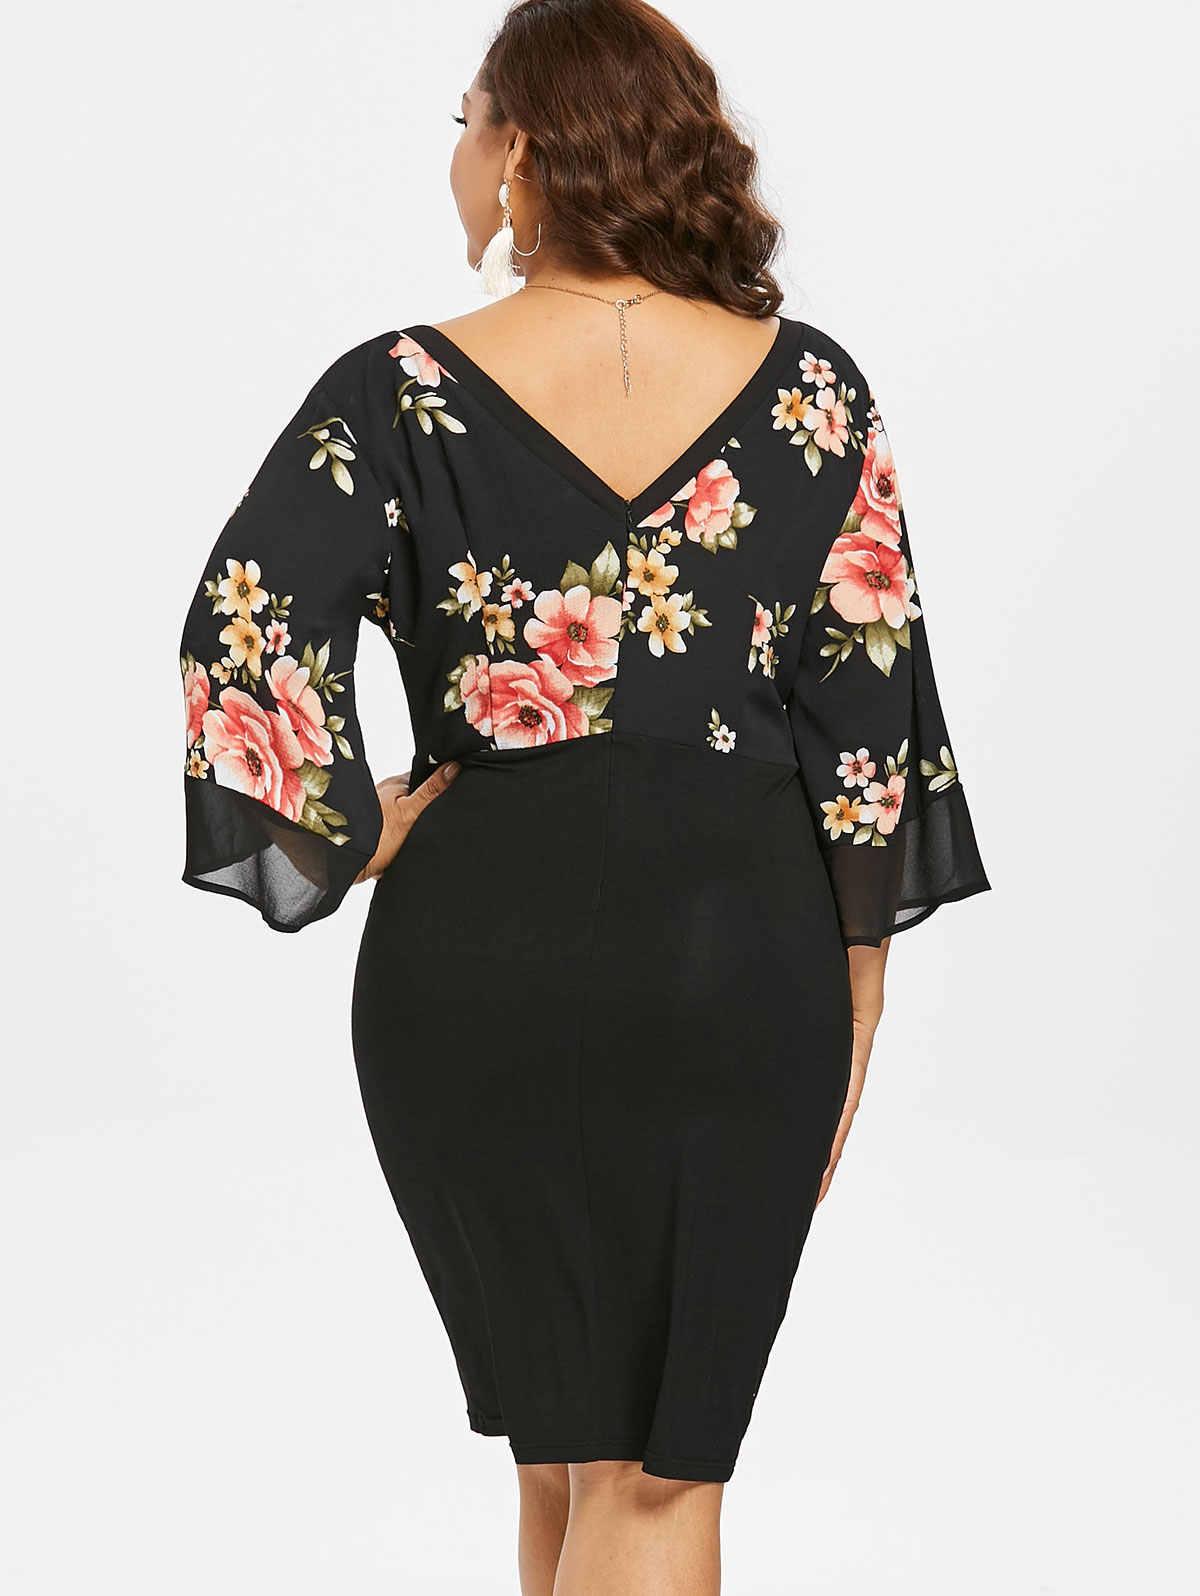 Wisalo женское платье большого размера 5XL с рукавом-колокольчиком, с низким вырезом, с цветочным рисунком, с глубоким вырезом, с рукавом 3/4, весенние платья, вечерние платья ol, Vestidos